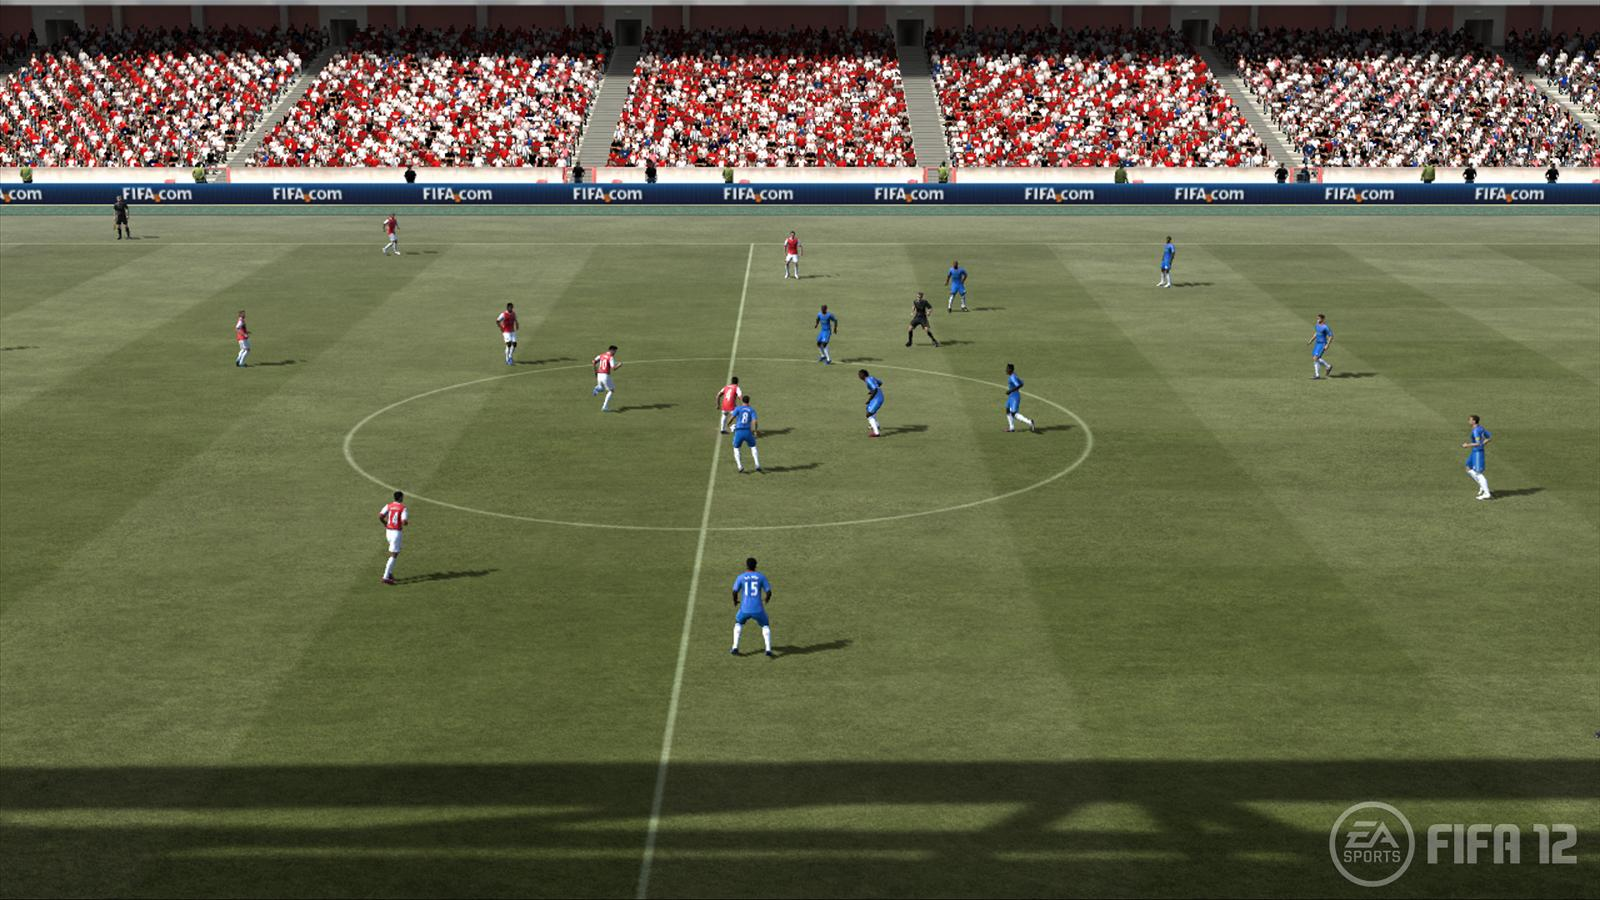 История в картинках (FIFA) - Изображение 20